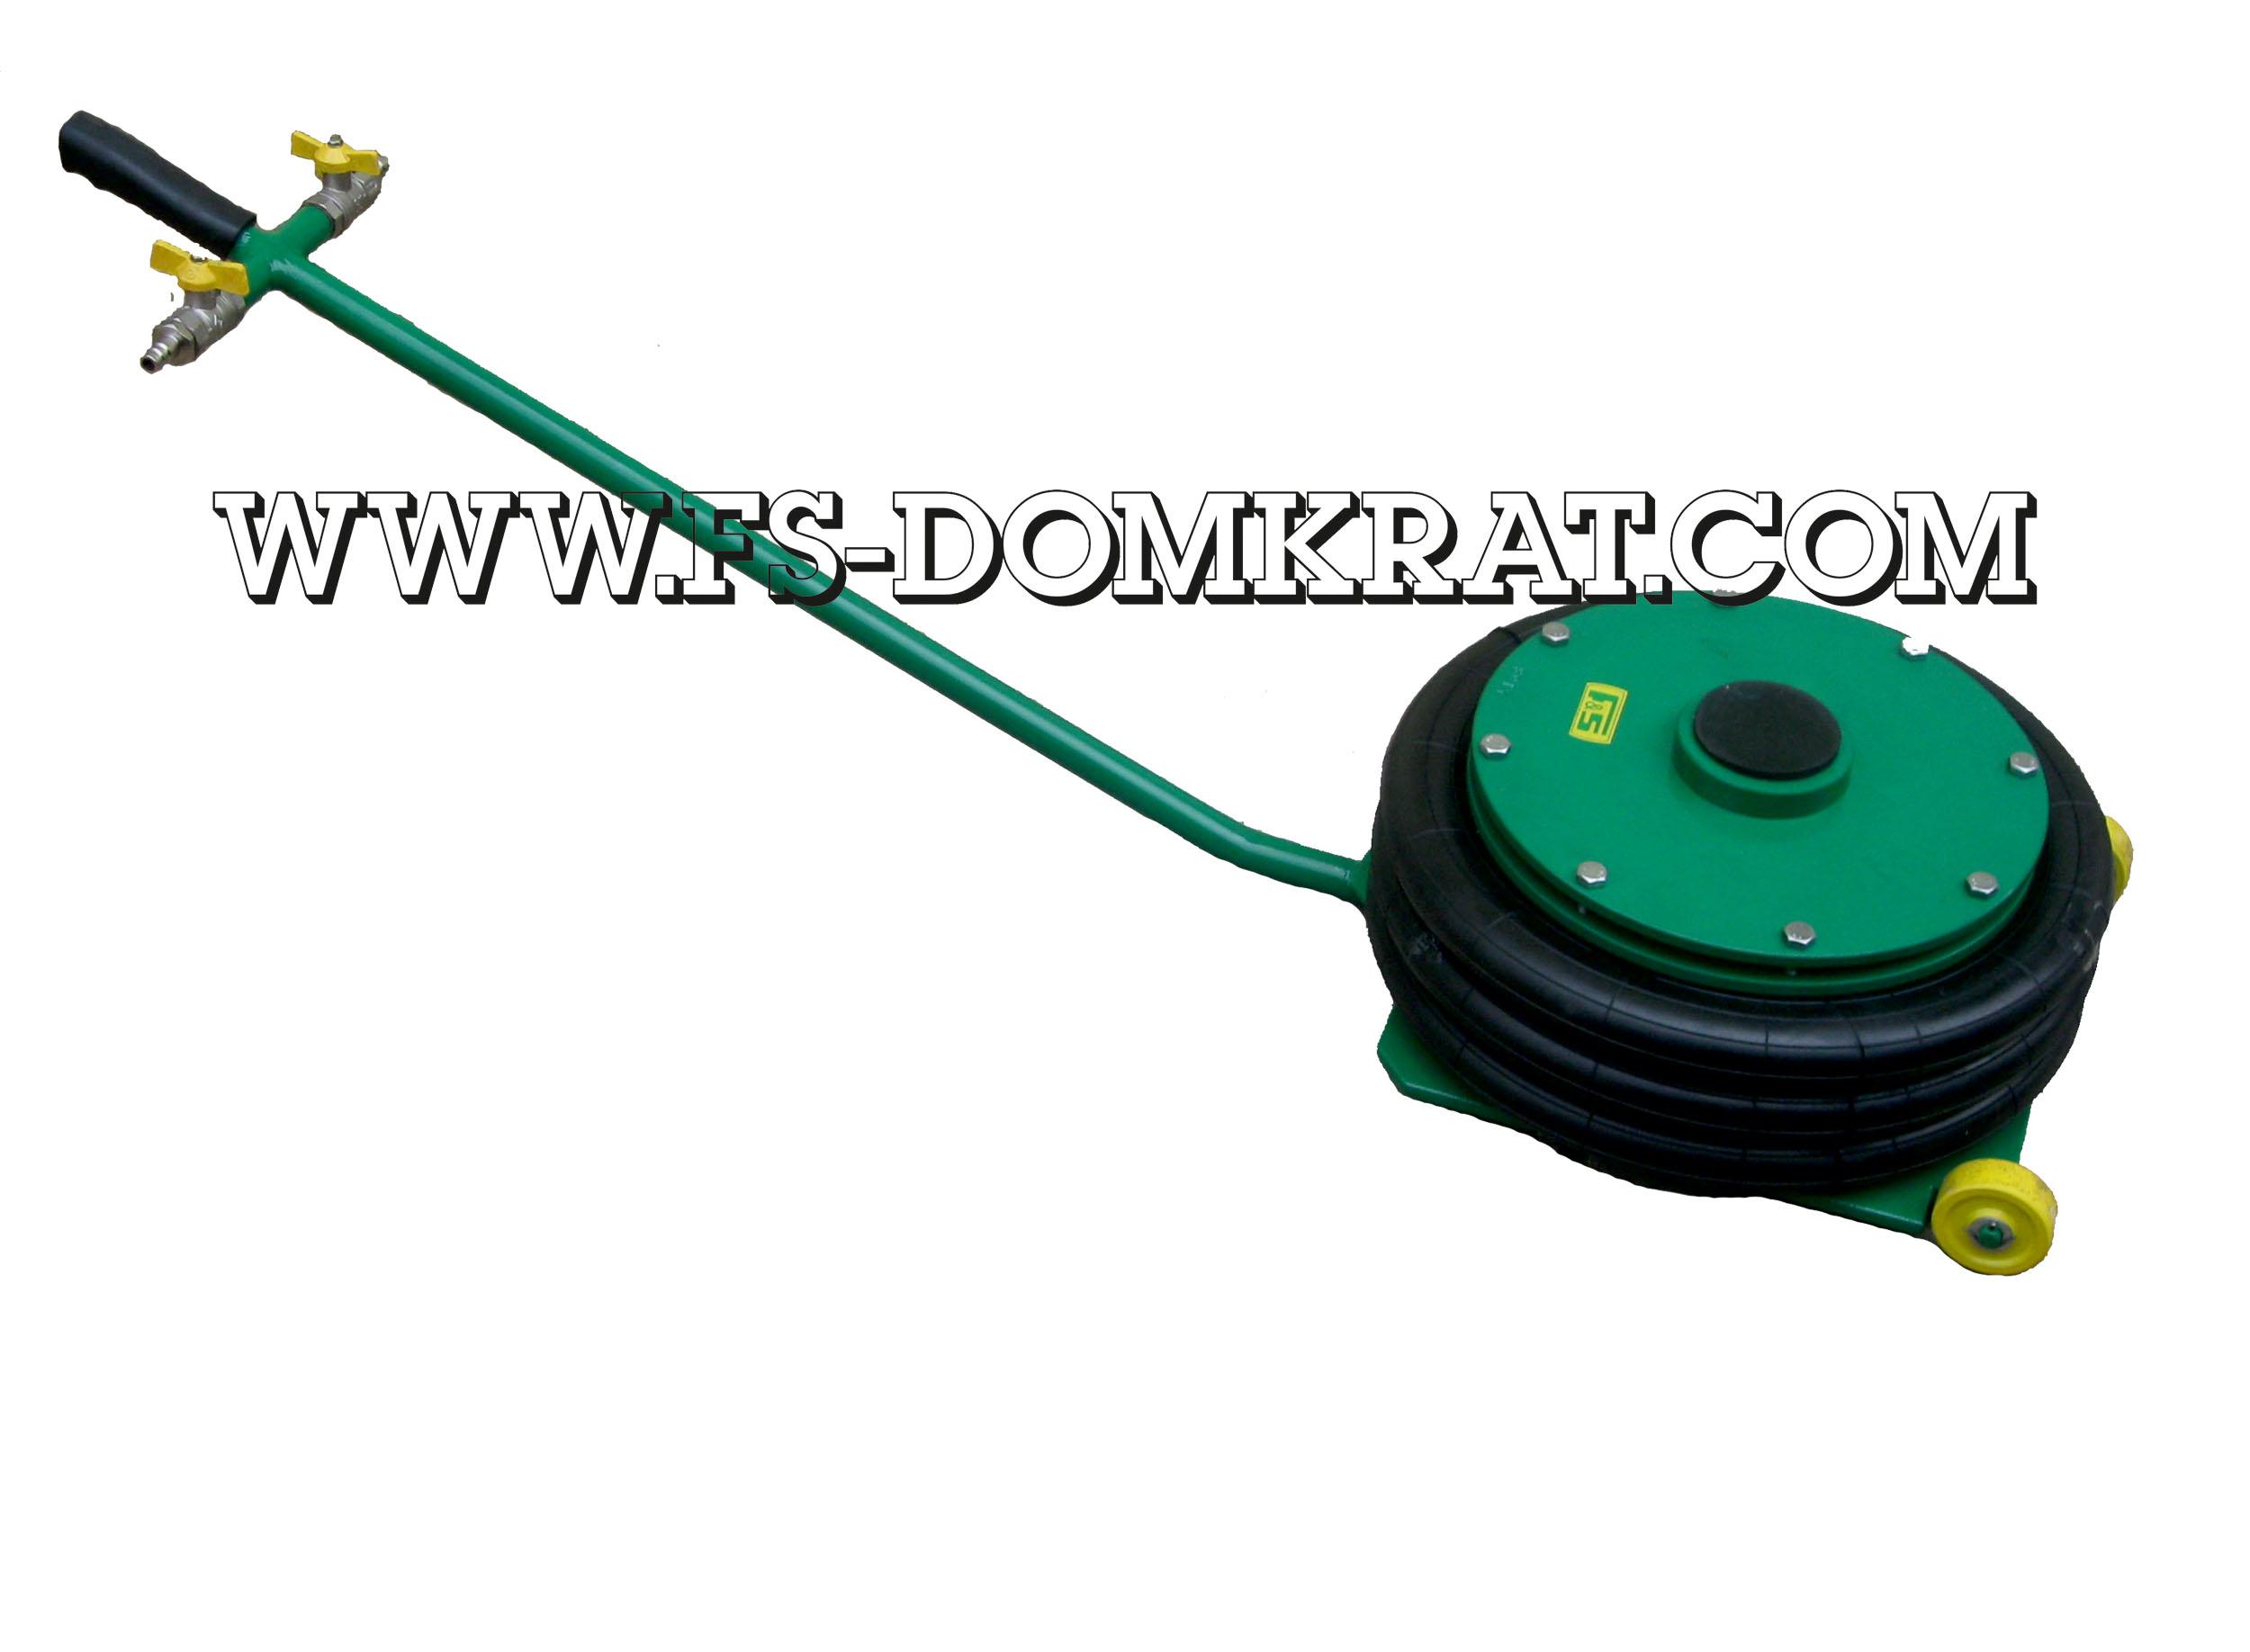 Домкрат пневматичний ДП-3, зображення 1